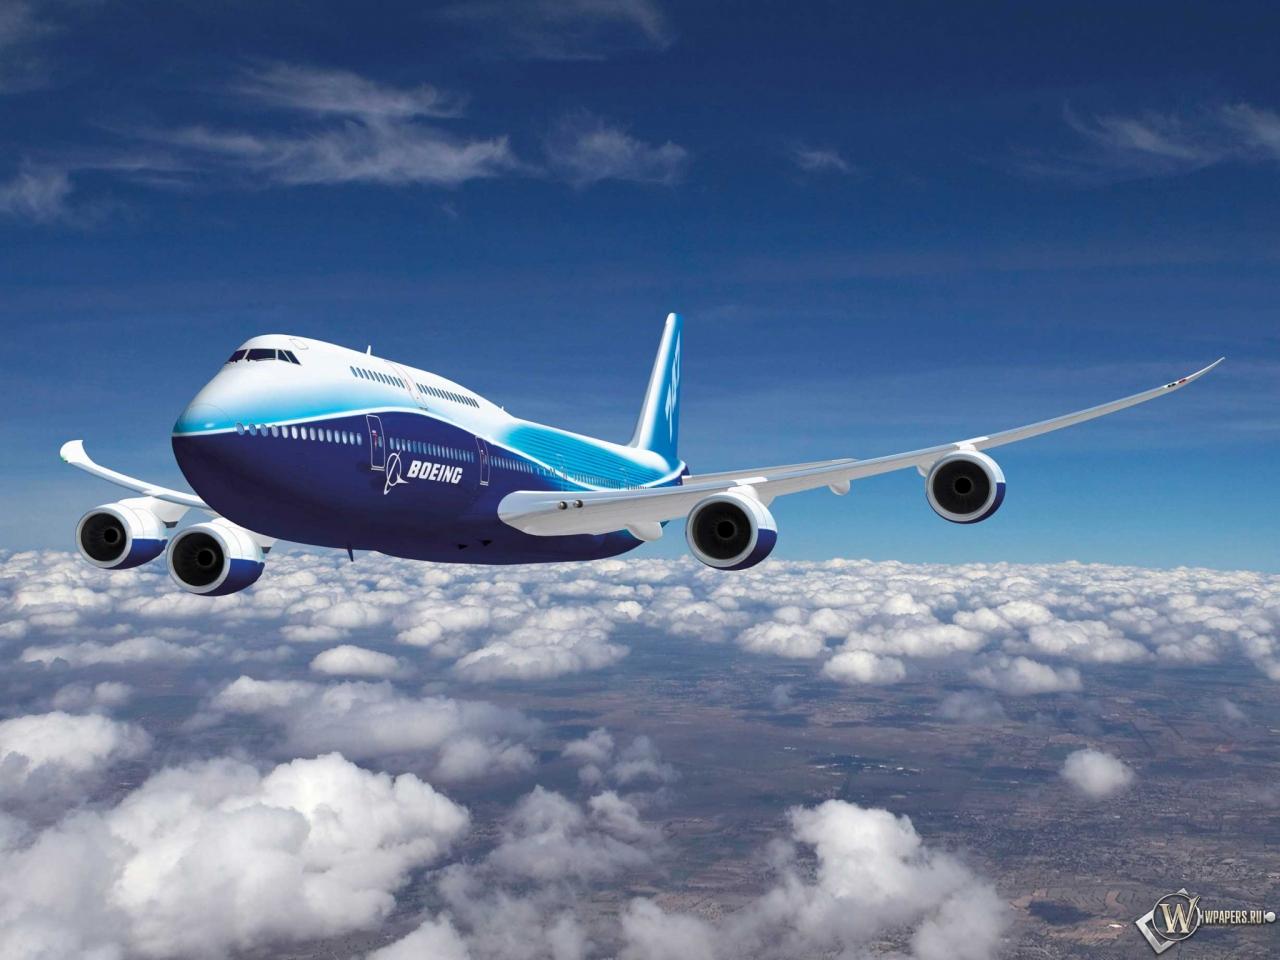 Boeing-747 1280x960